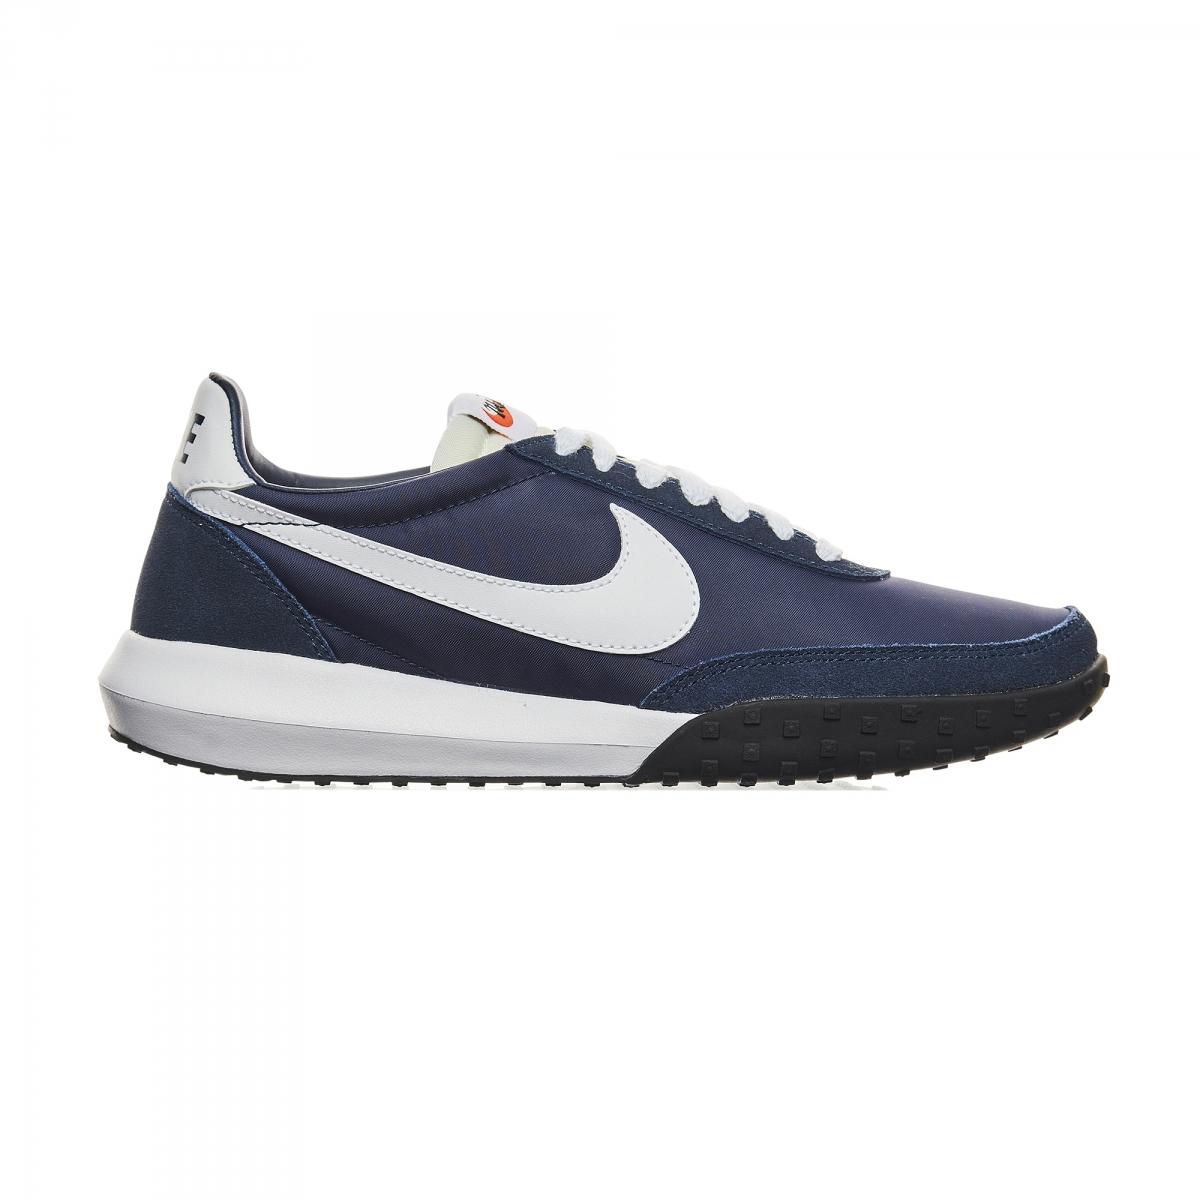 Nike Roshe Waffle Racer Nm Sneakers in Blue for Men